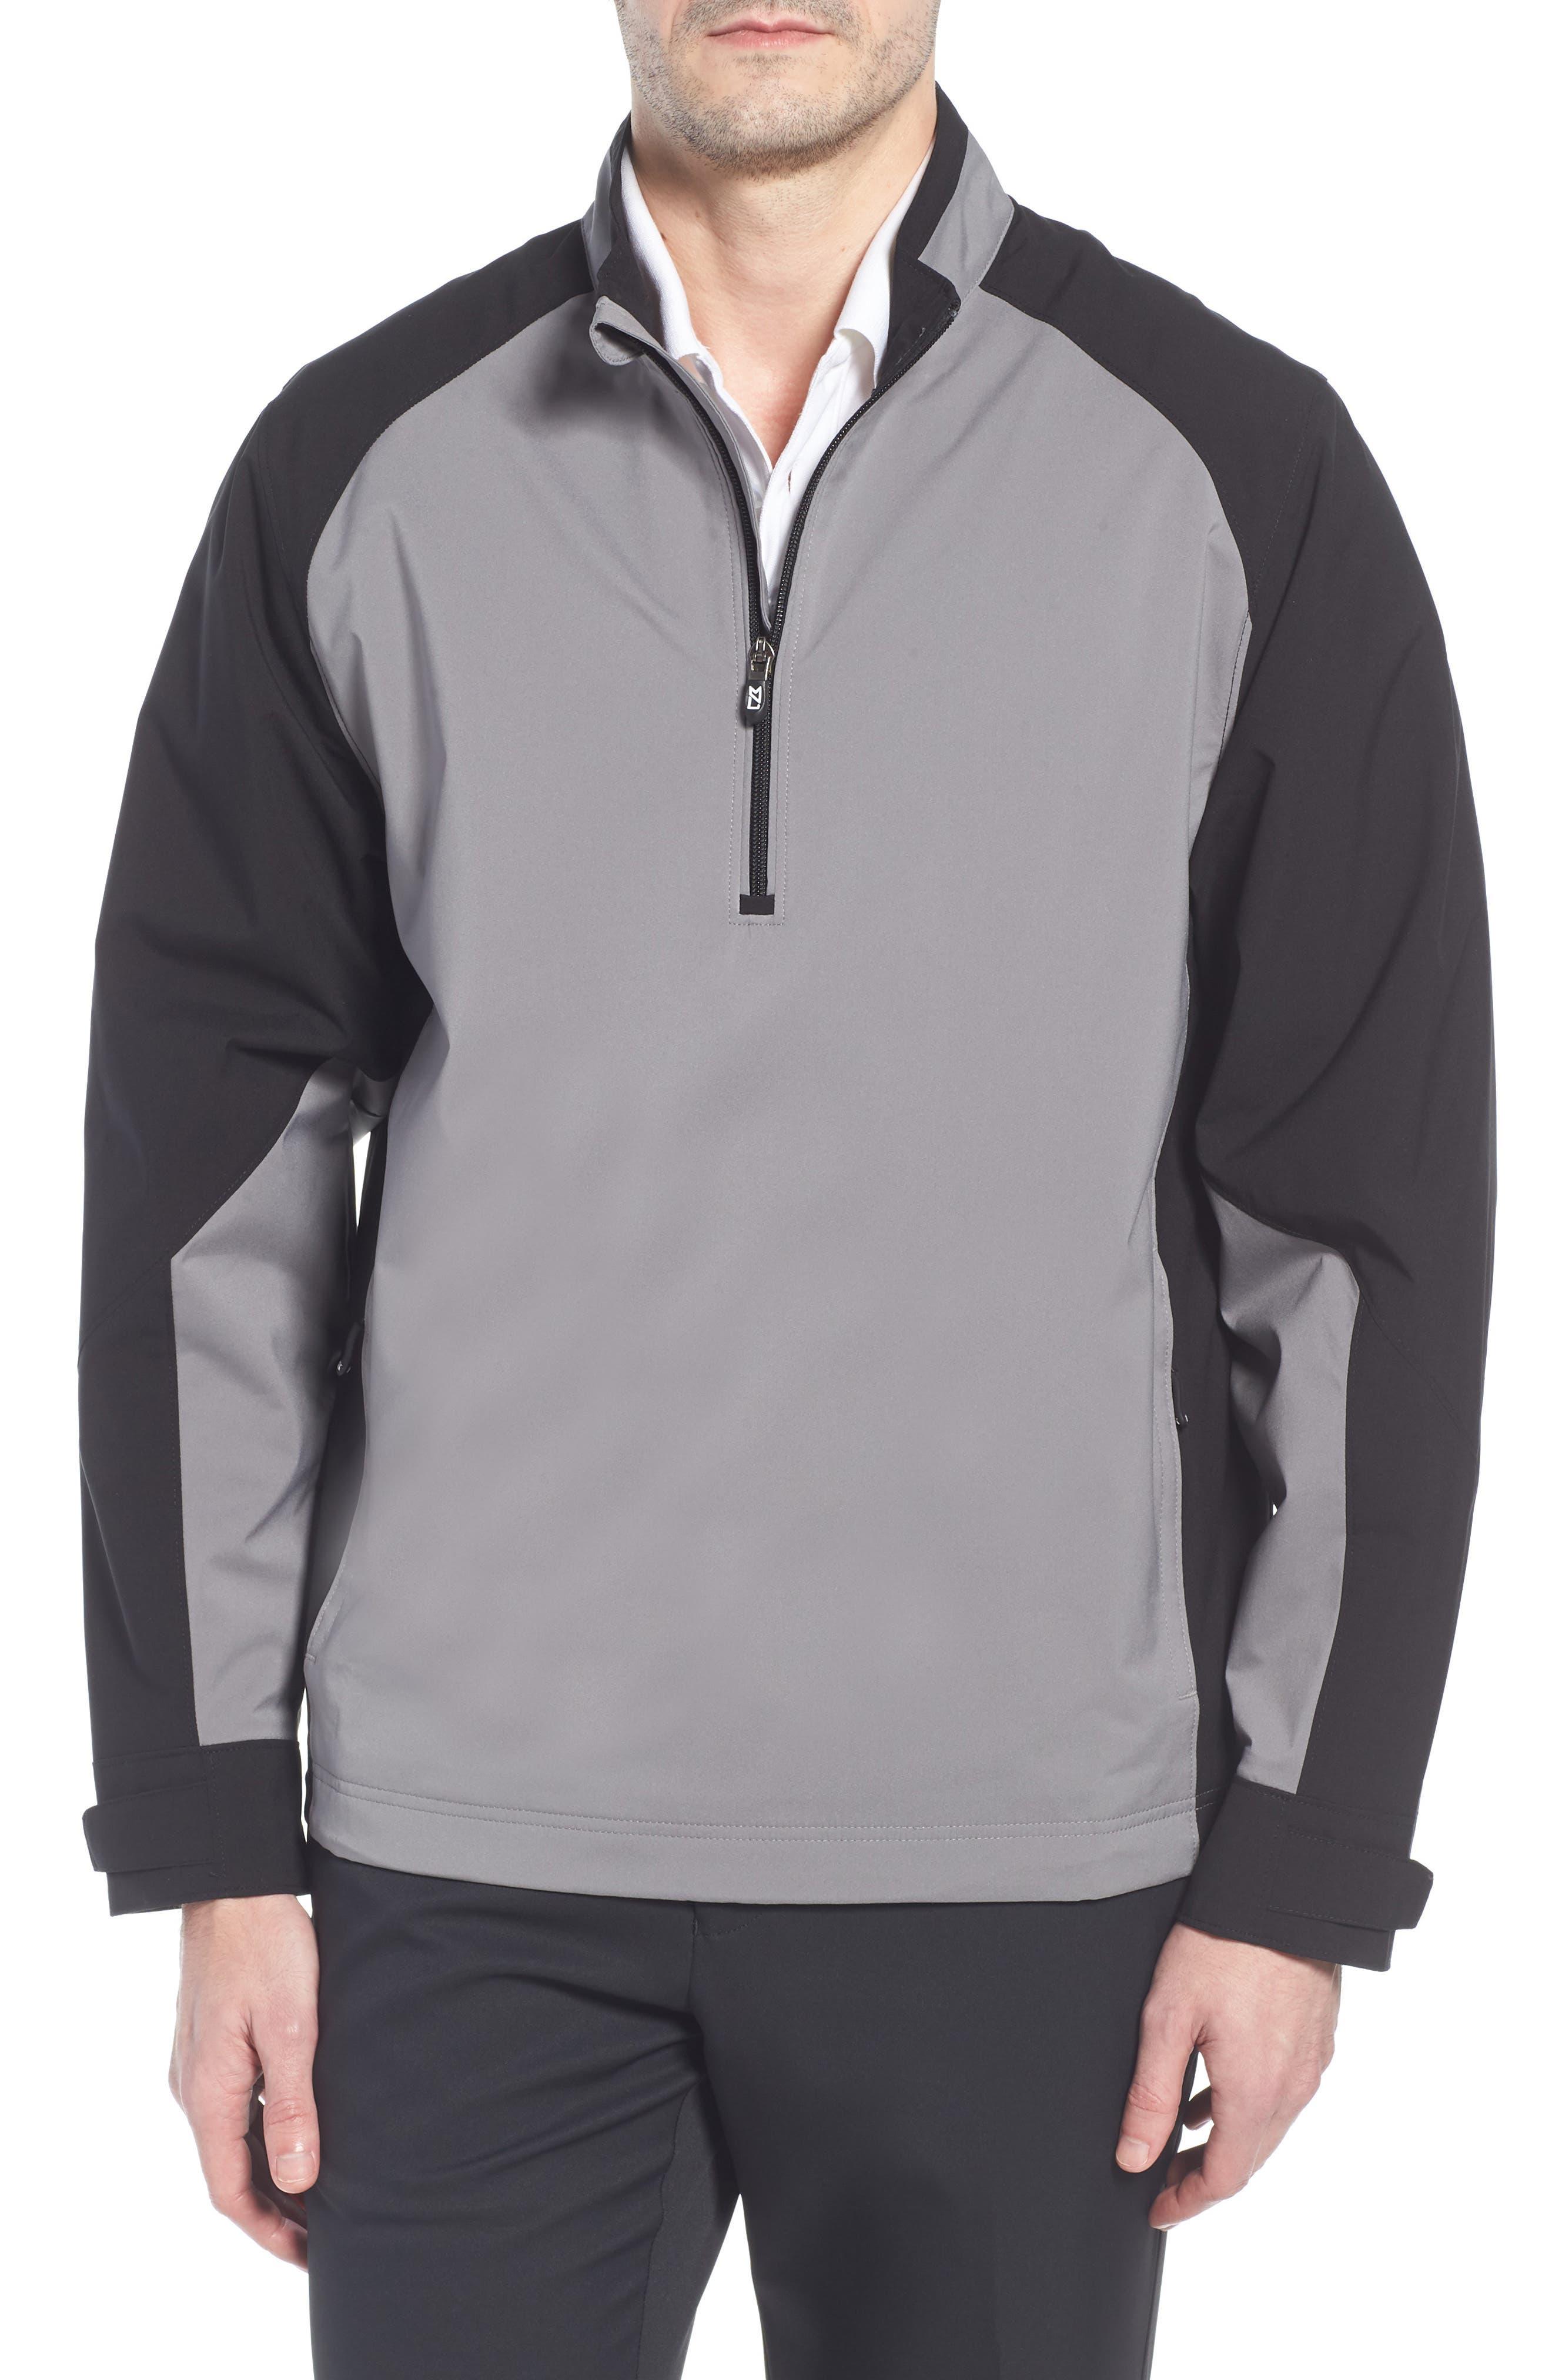 'Summit' WeatherTec Wind & Water Resistant Half Zip Jacket,                         Main,                         color, Gravel